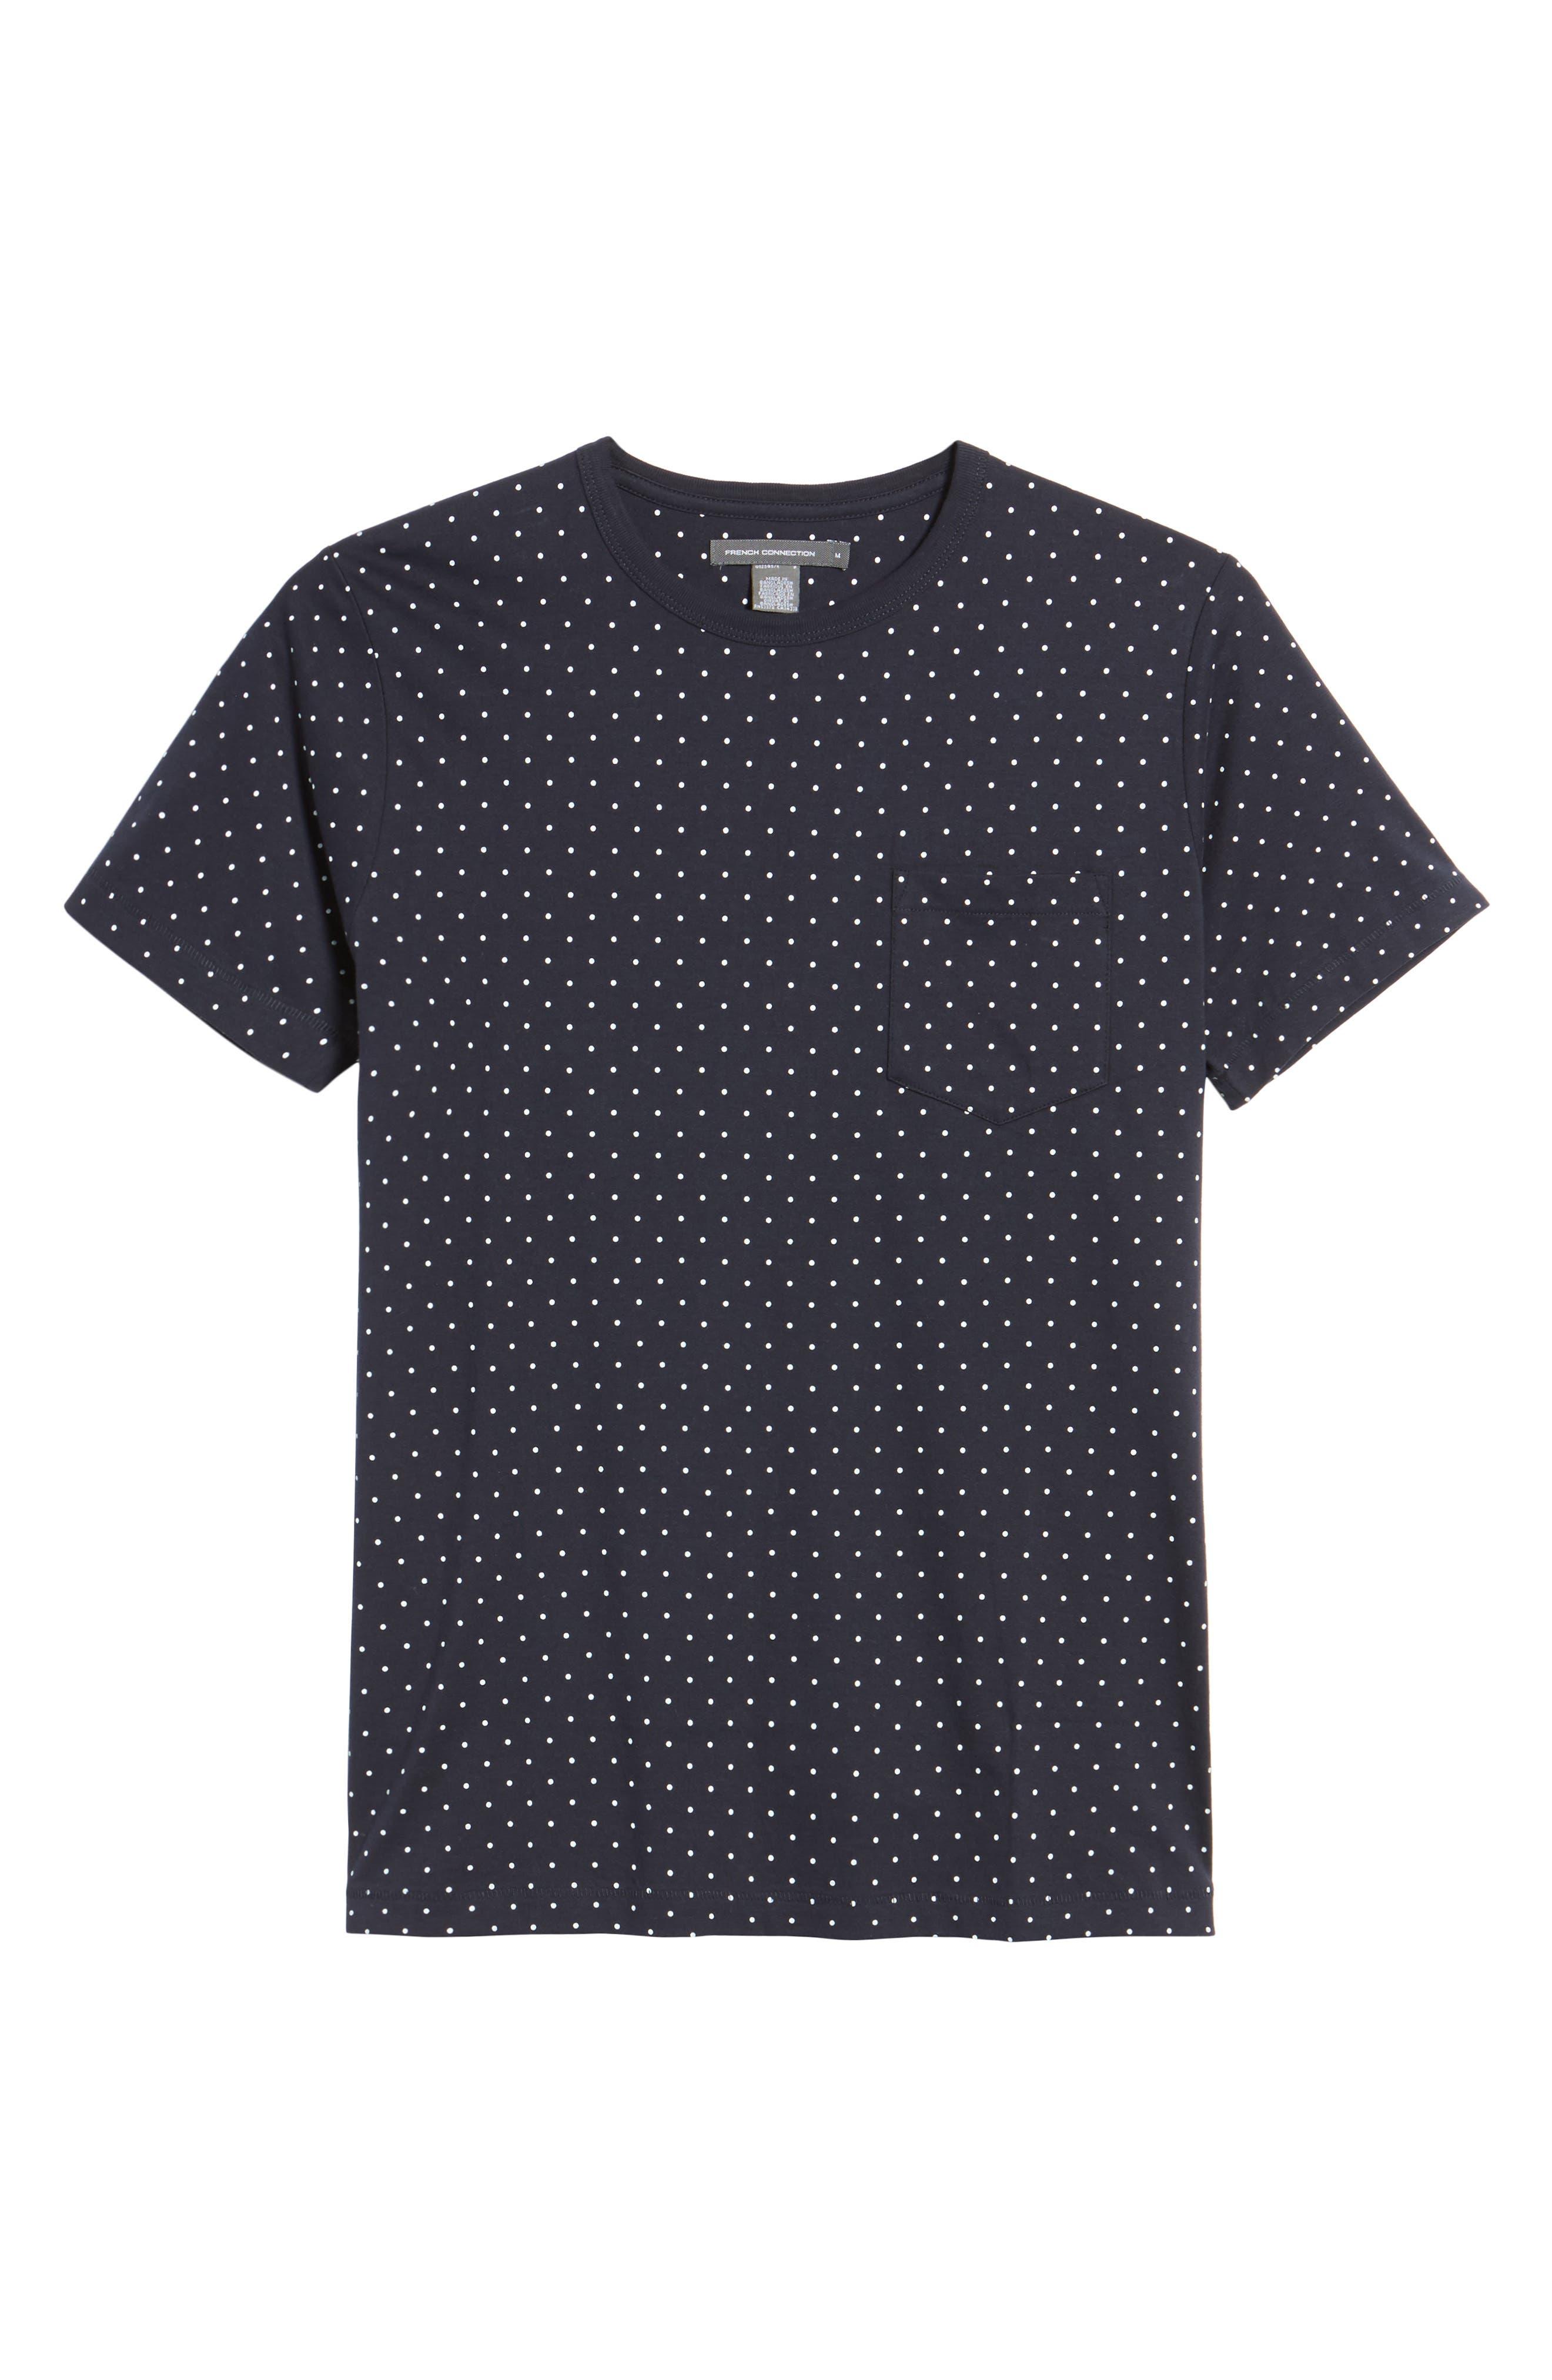 Spot Crewneck T-Shirt,                             Alternate thumbnail 6, color,                             Marine Blue White